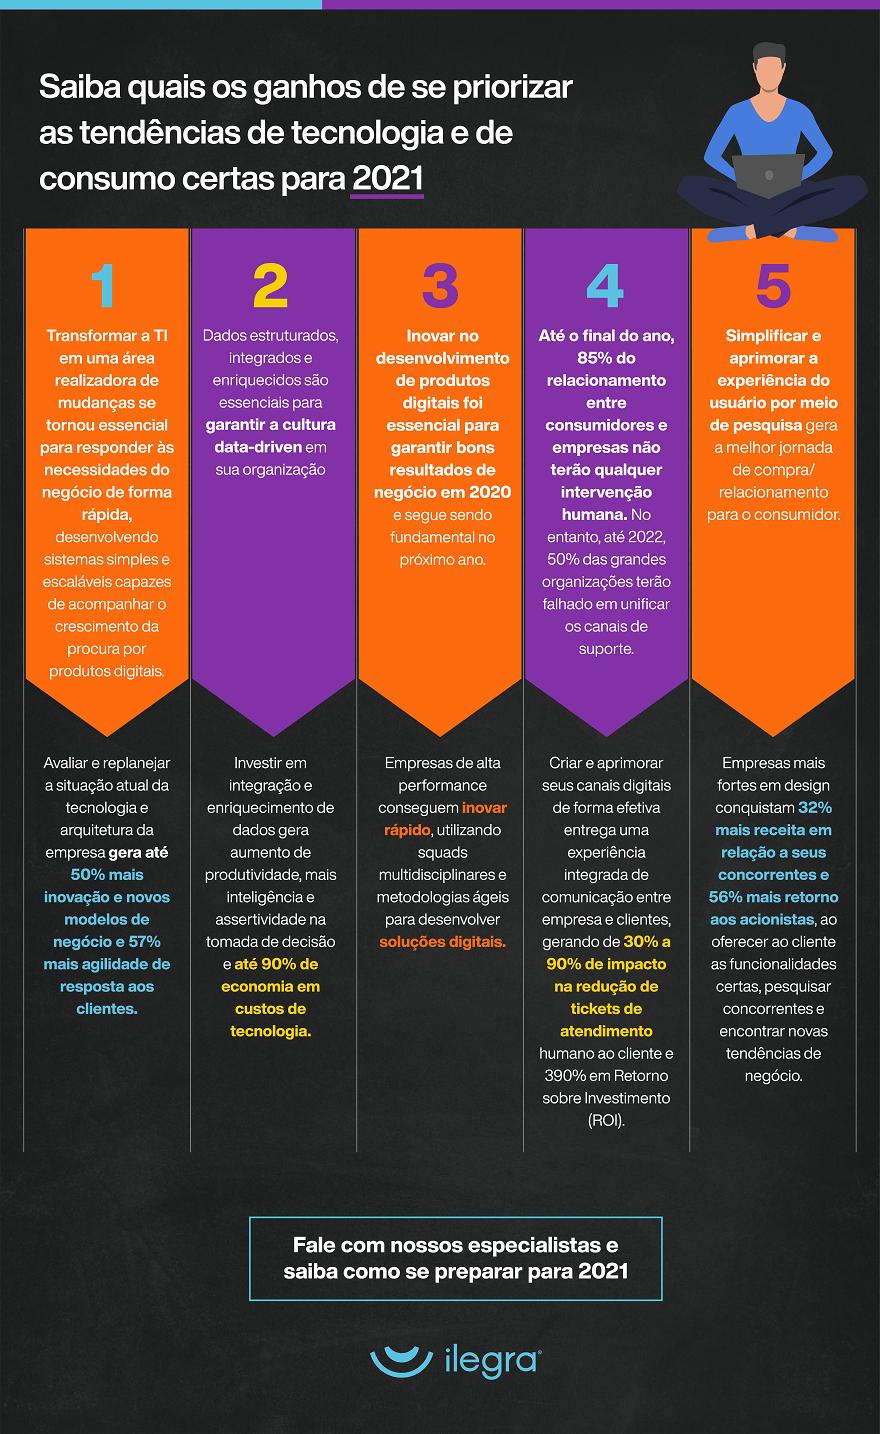 infográfico com resultados obtidos com a priorização dos principais desafios de tecnologia em 2021